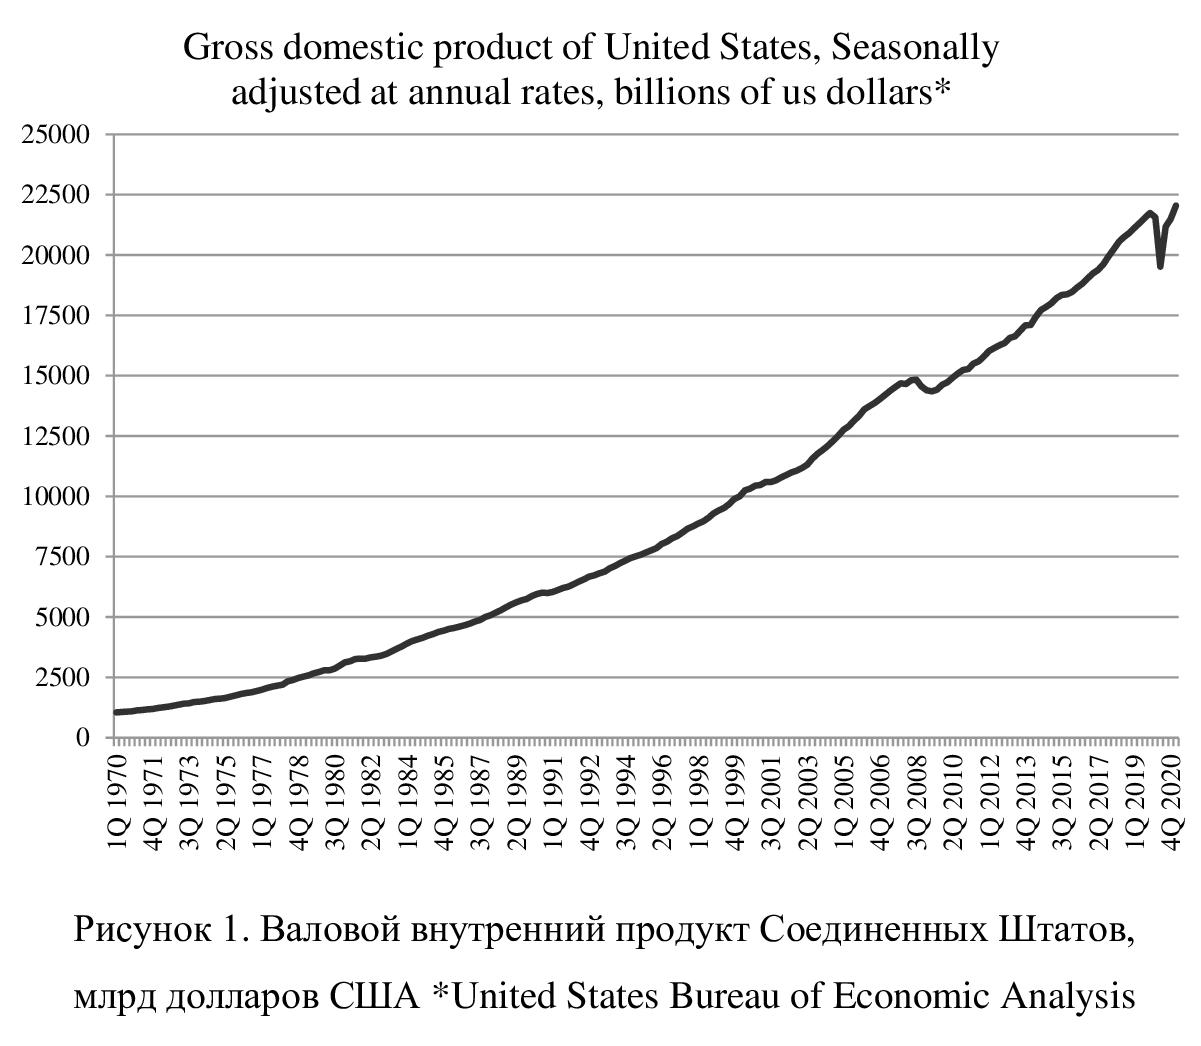 Связь валового внутреннего продукта и инфляции в долгосрочном периоде